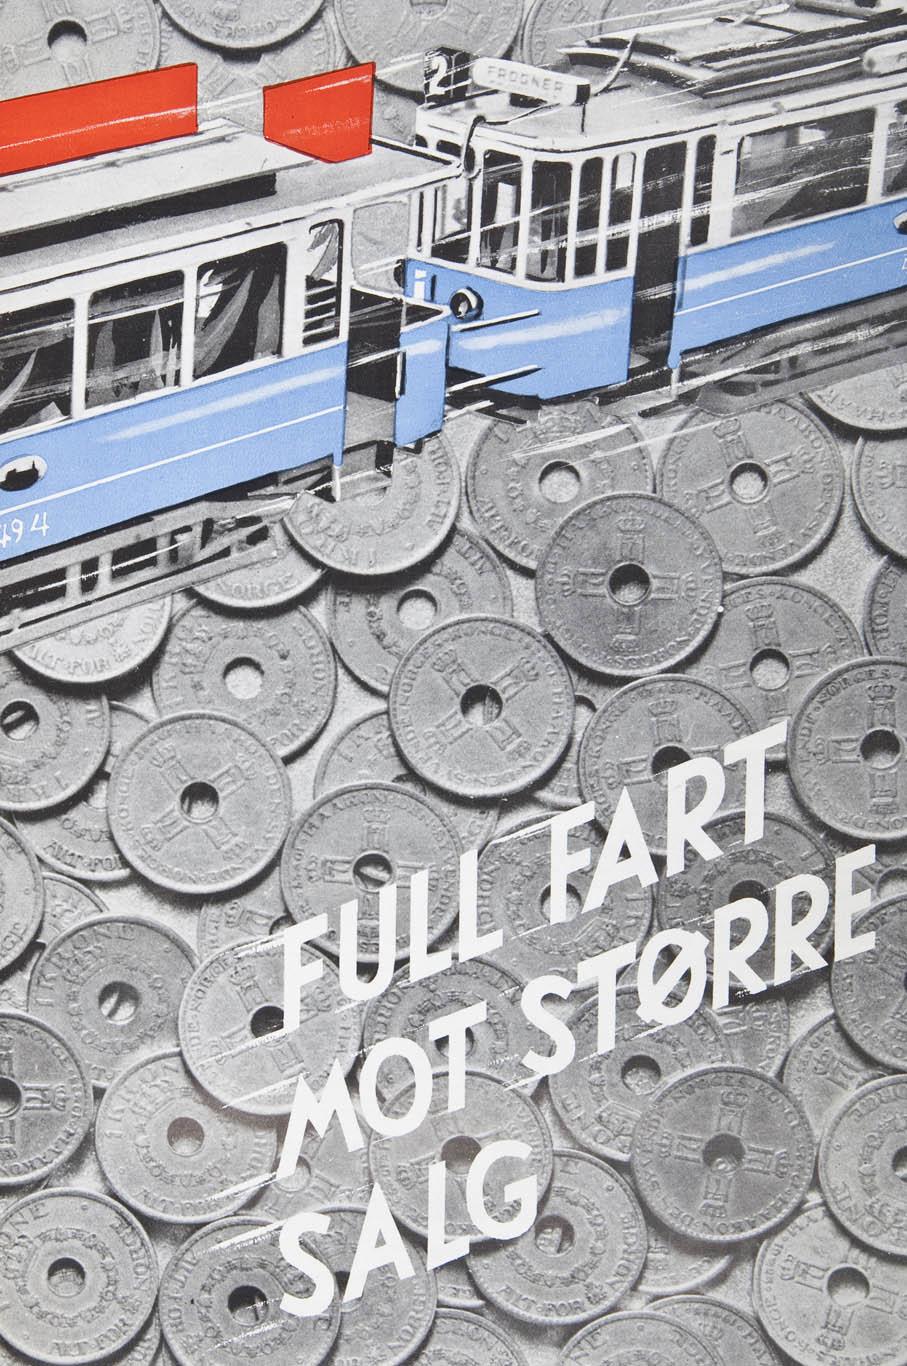 Spennende utformet reklame for Sporveisannonsene AS der man kombinert fotografi og illustrasjon på en god måte.